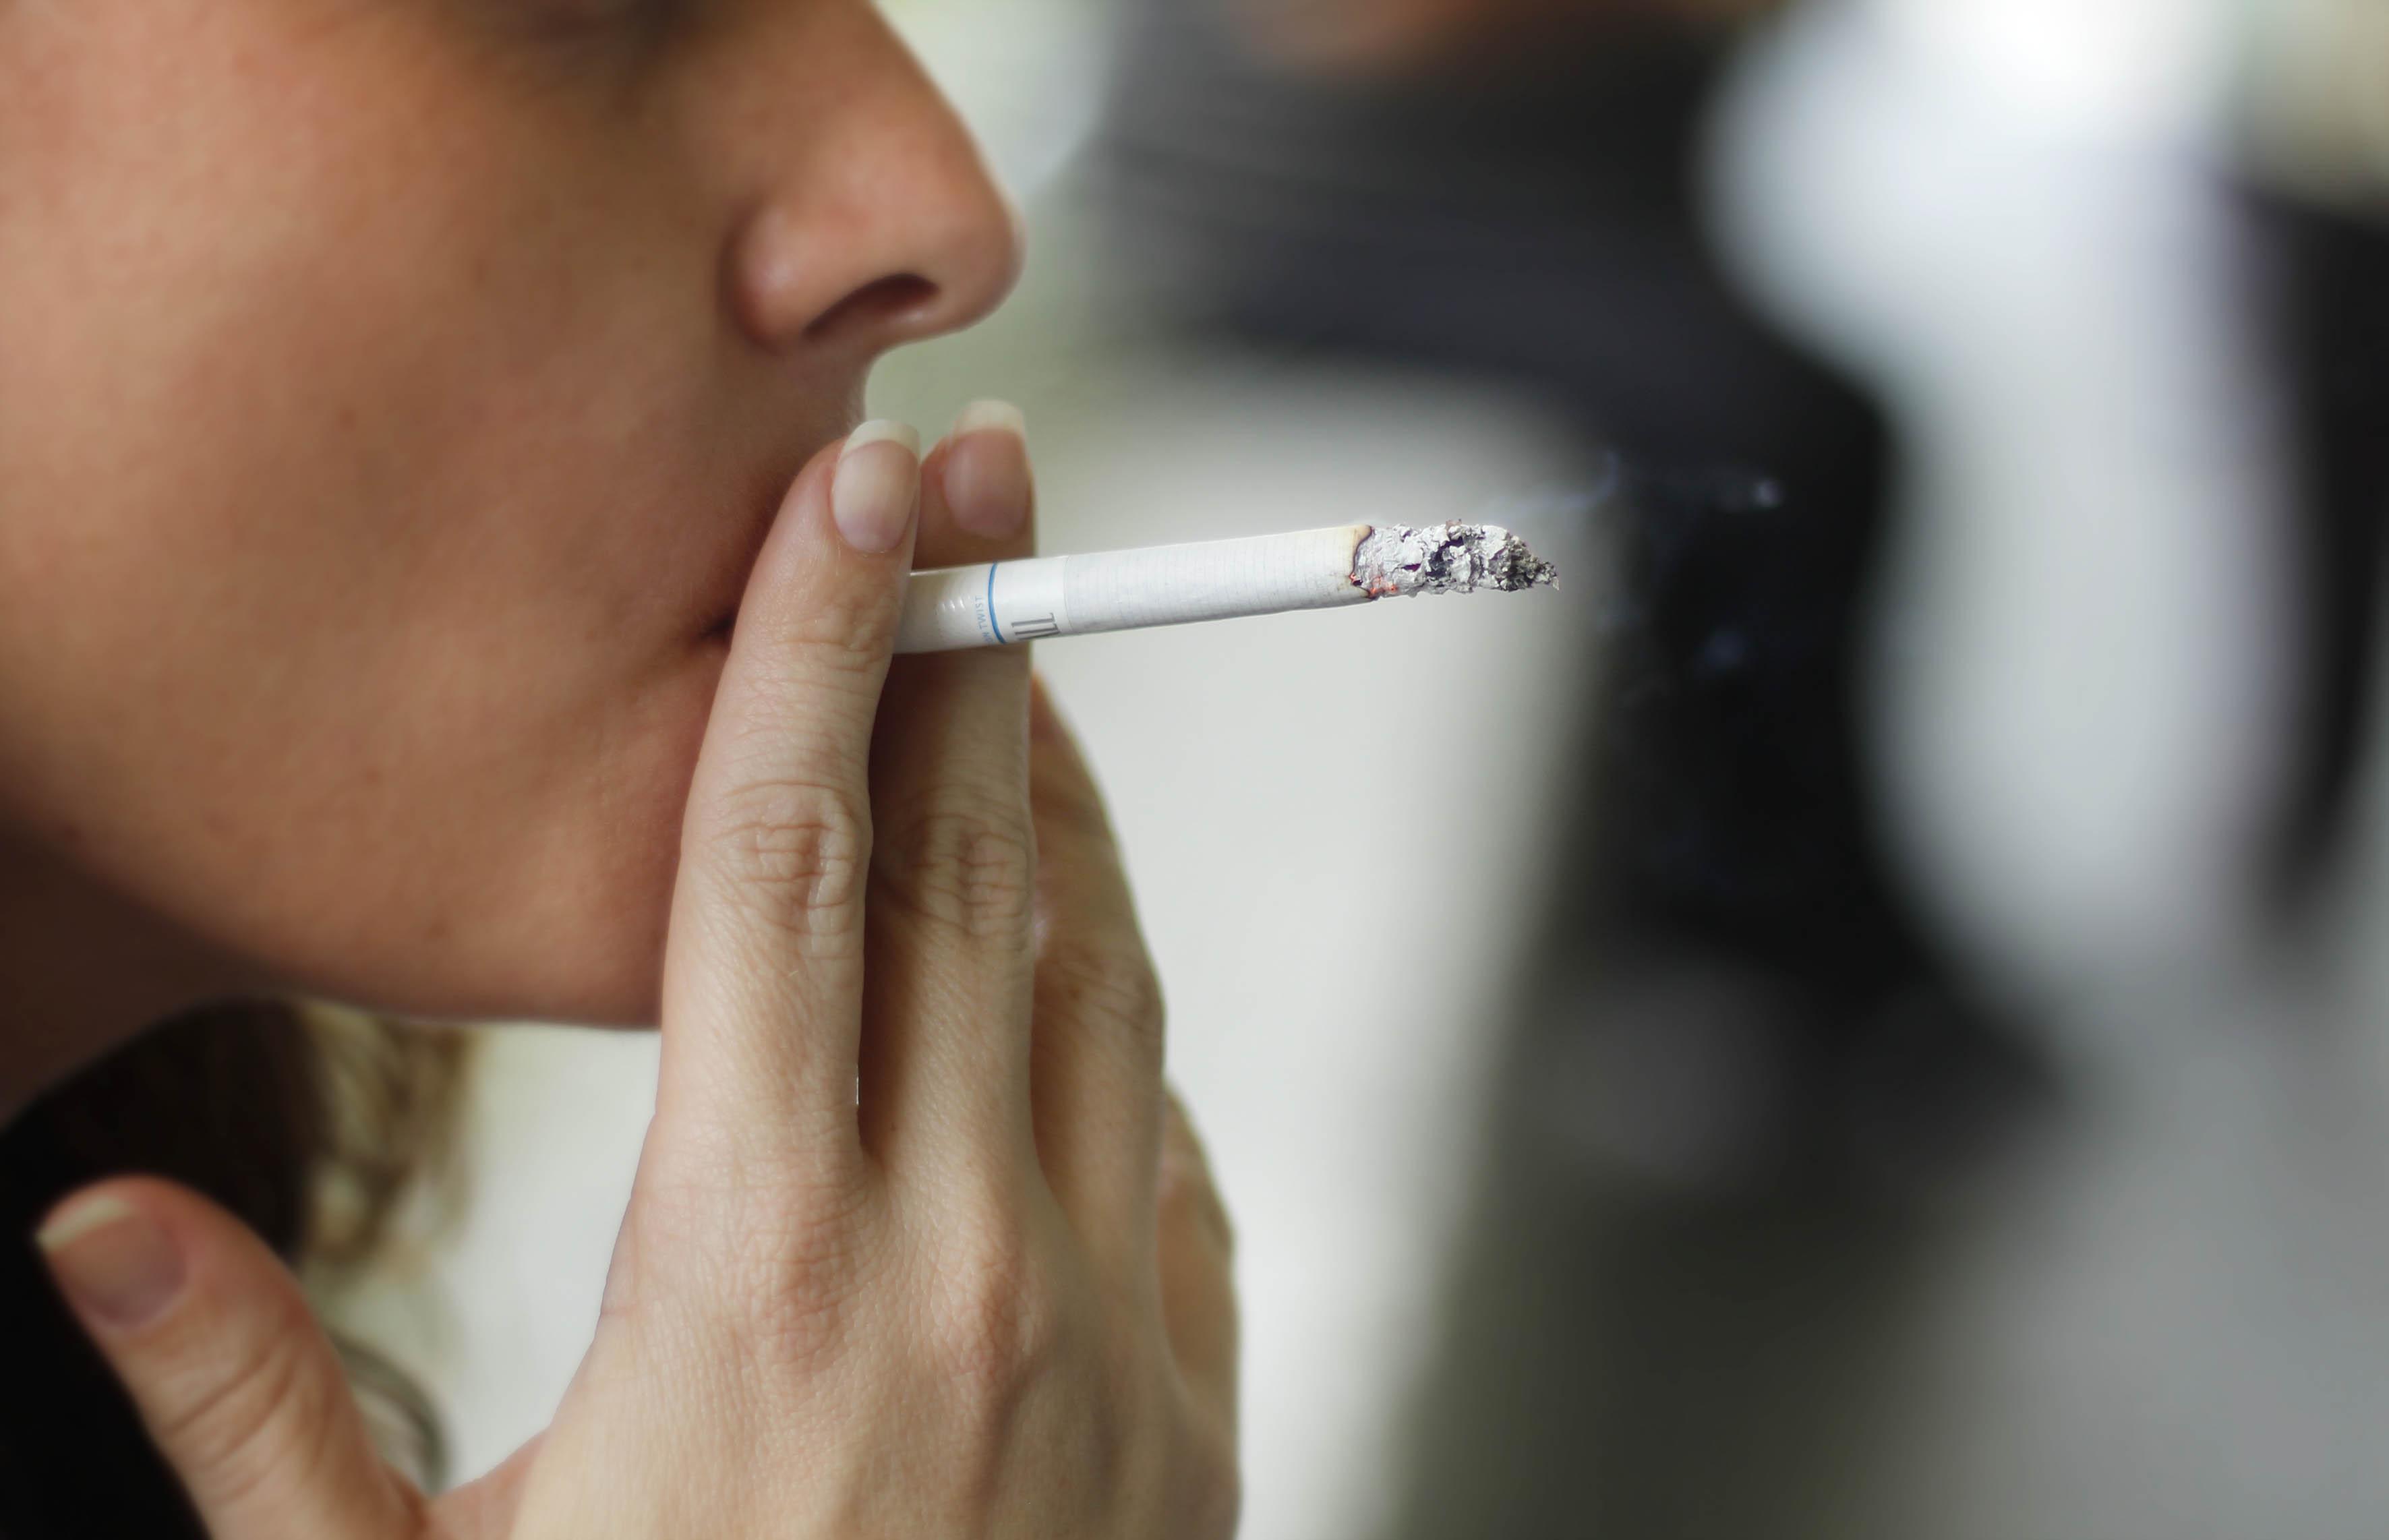 Imagen de una persona joven fumando